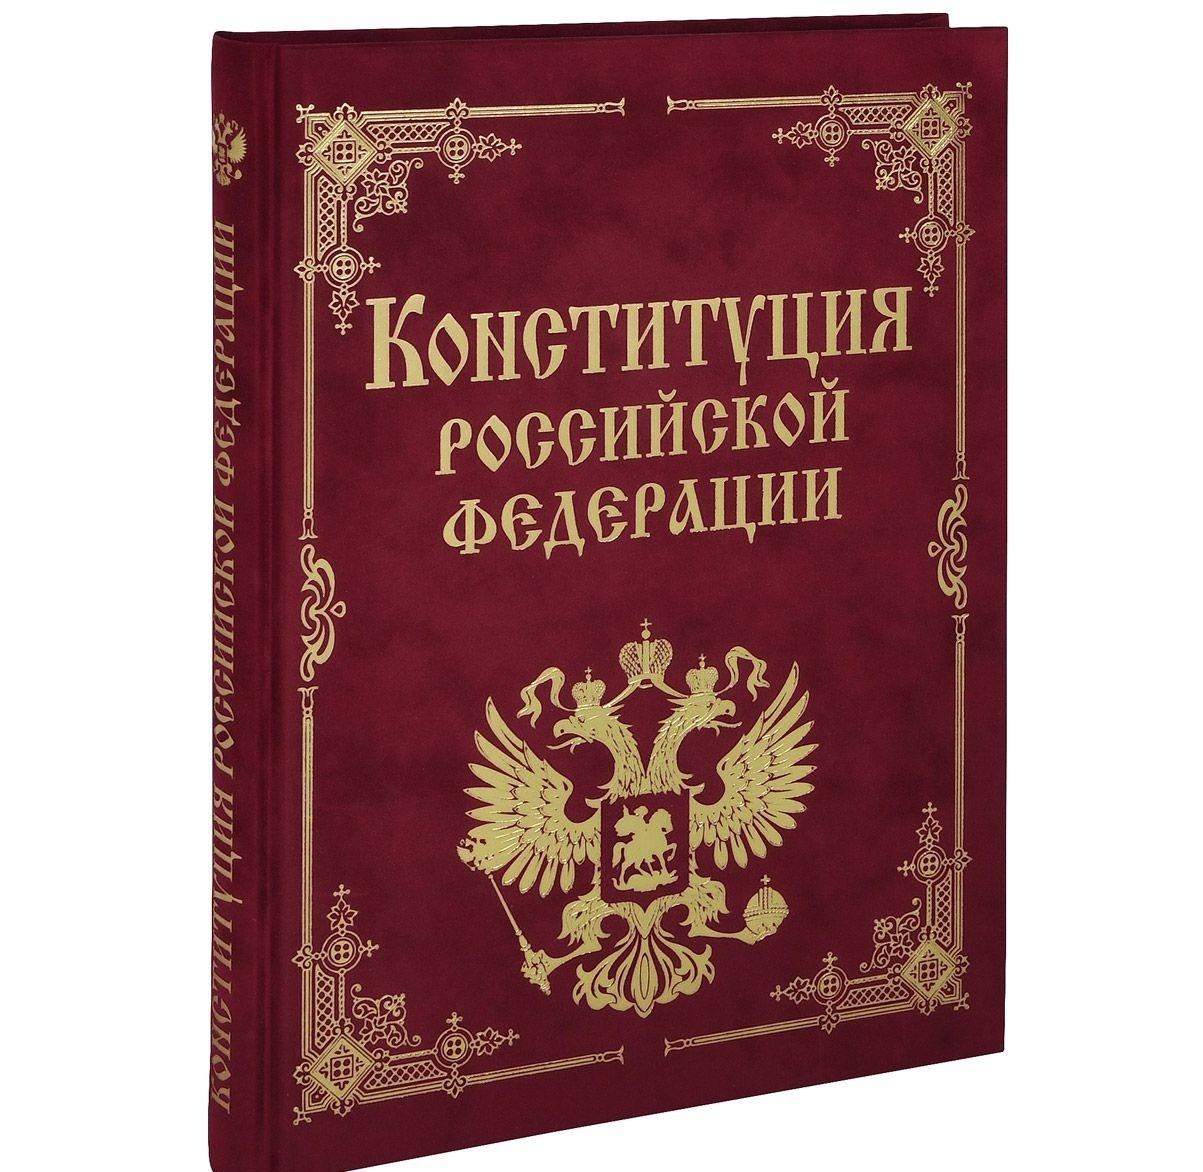 Около 40% жителей РФникогда нечитали Конституцию